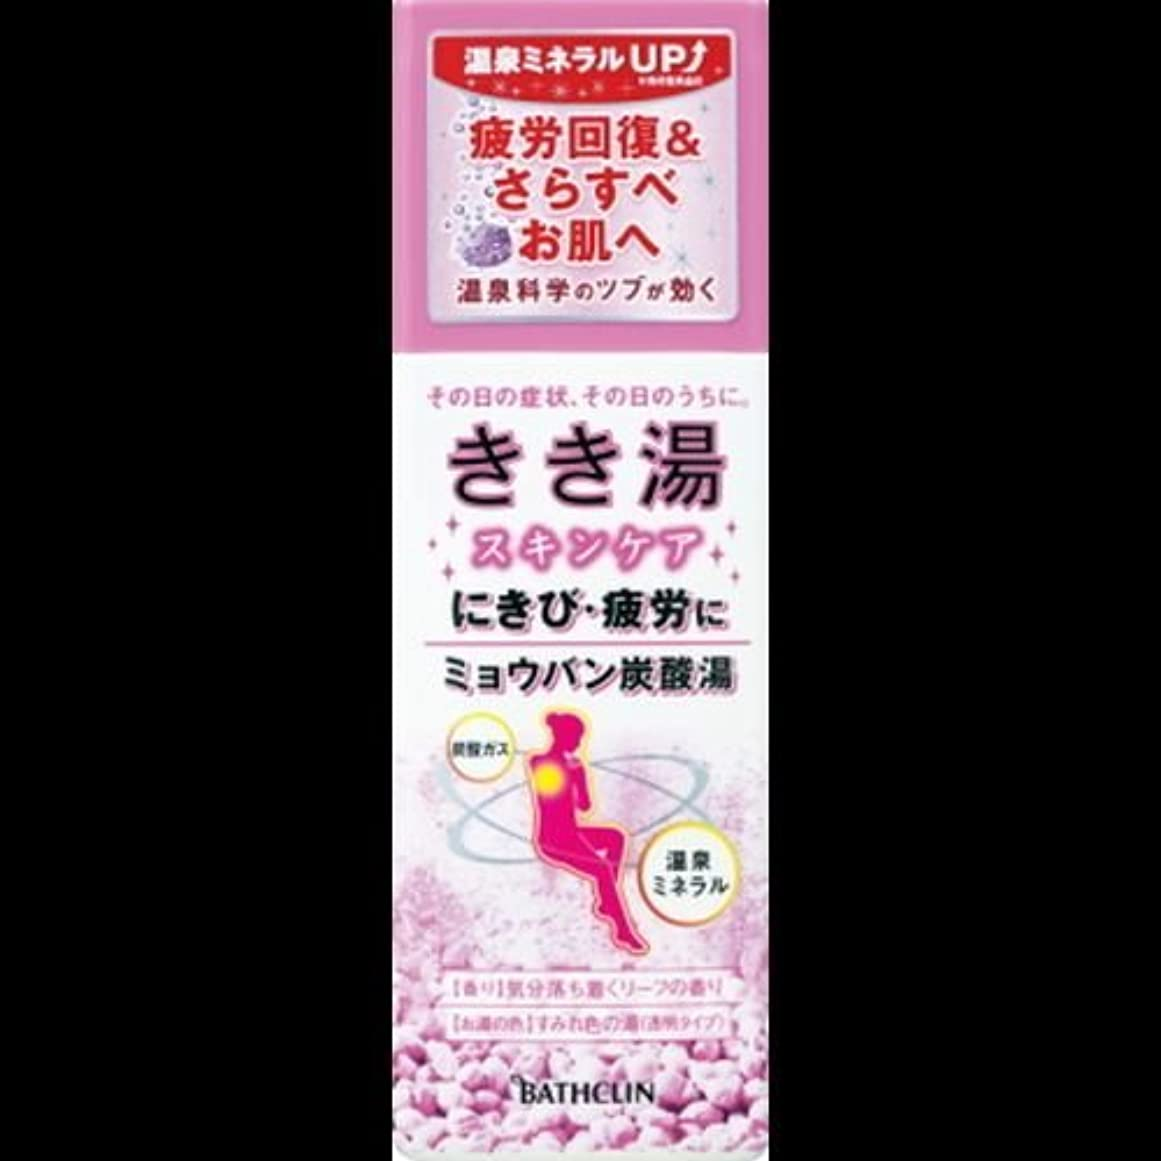 遊び場遠いの前で【まとめ買い】きき湯 ミョウバン炭酸湯 気分落ち着くリーフの香り すみれ色の湯(透明タイプ) 360g ×2セット